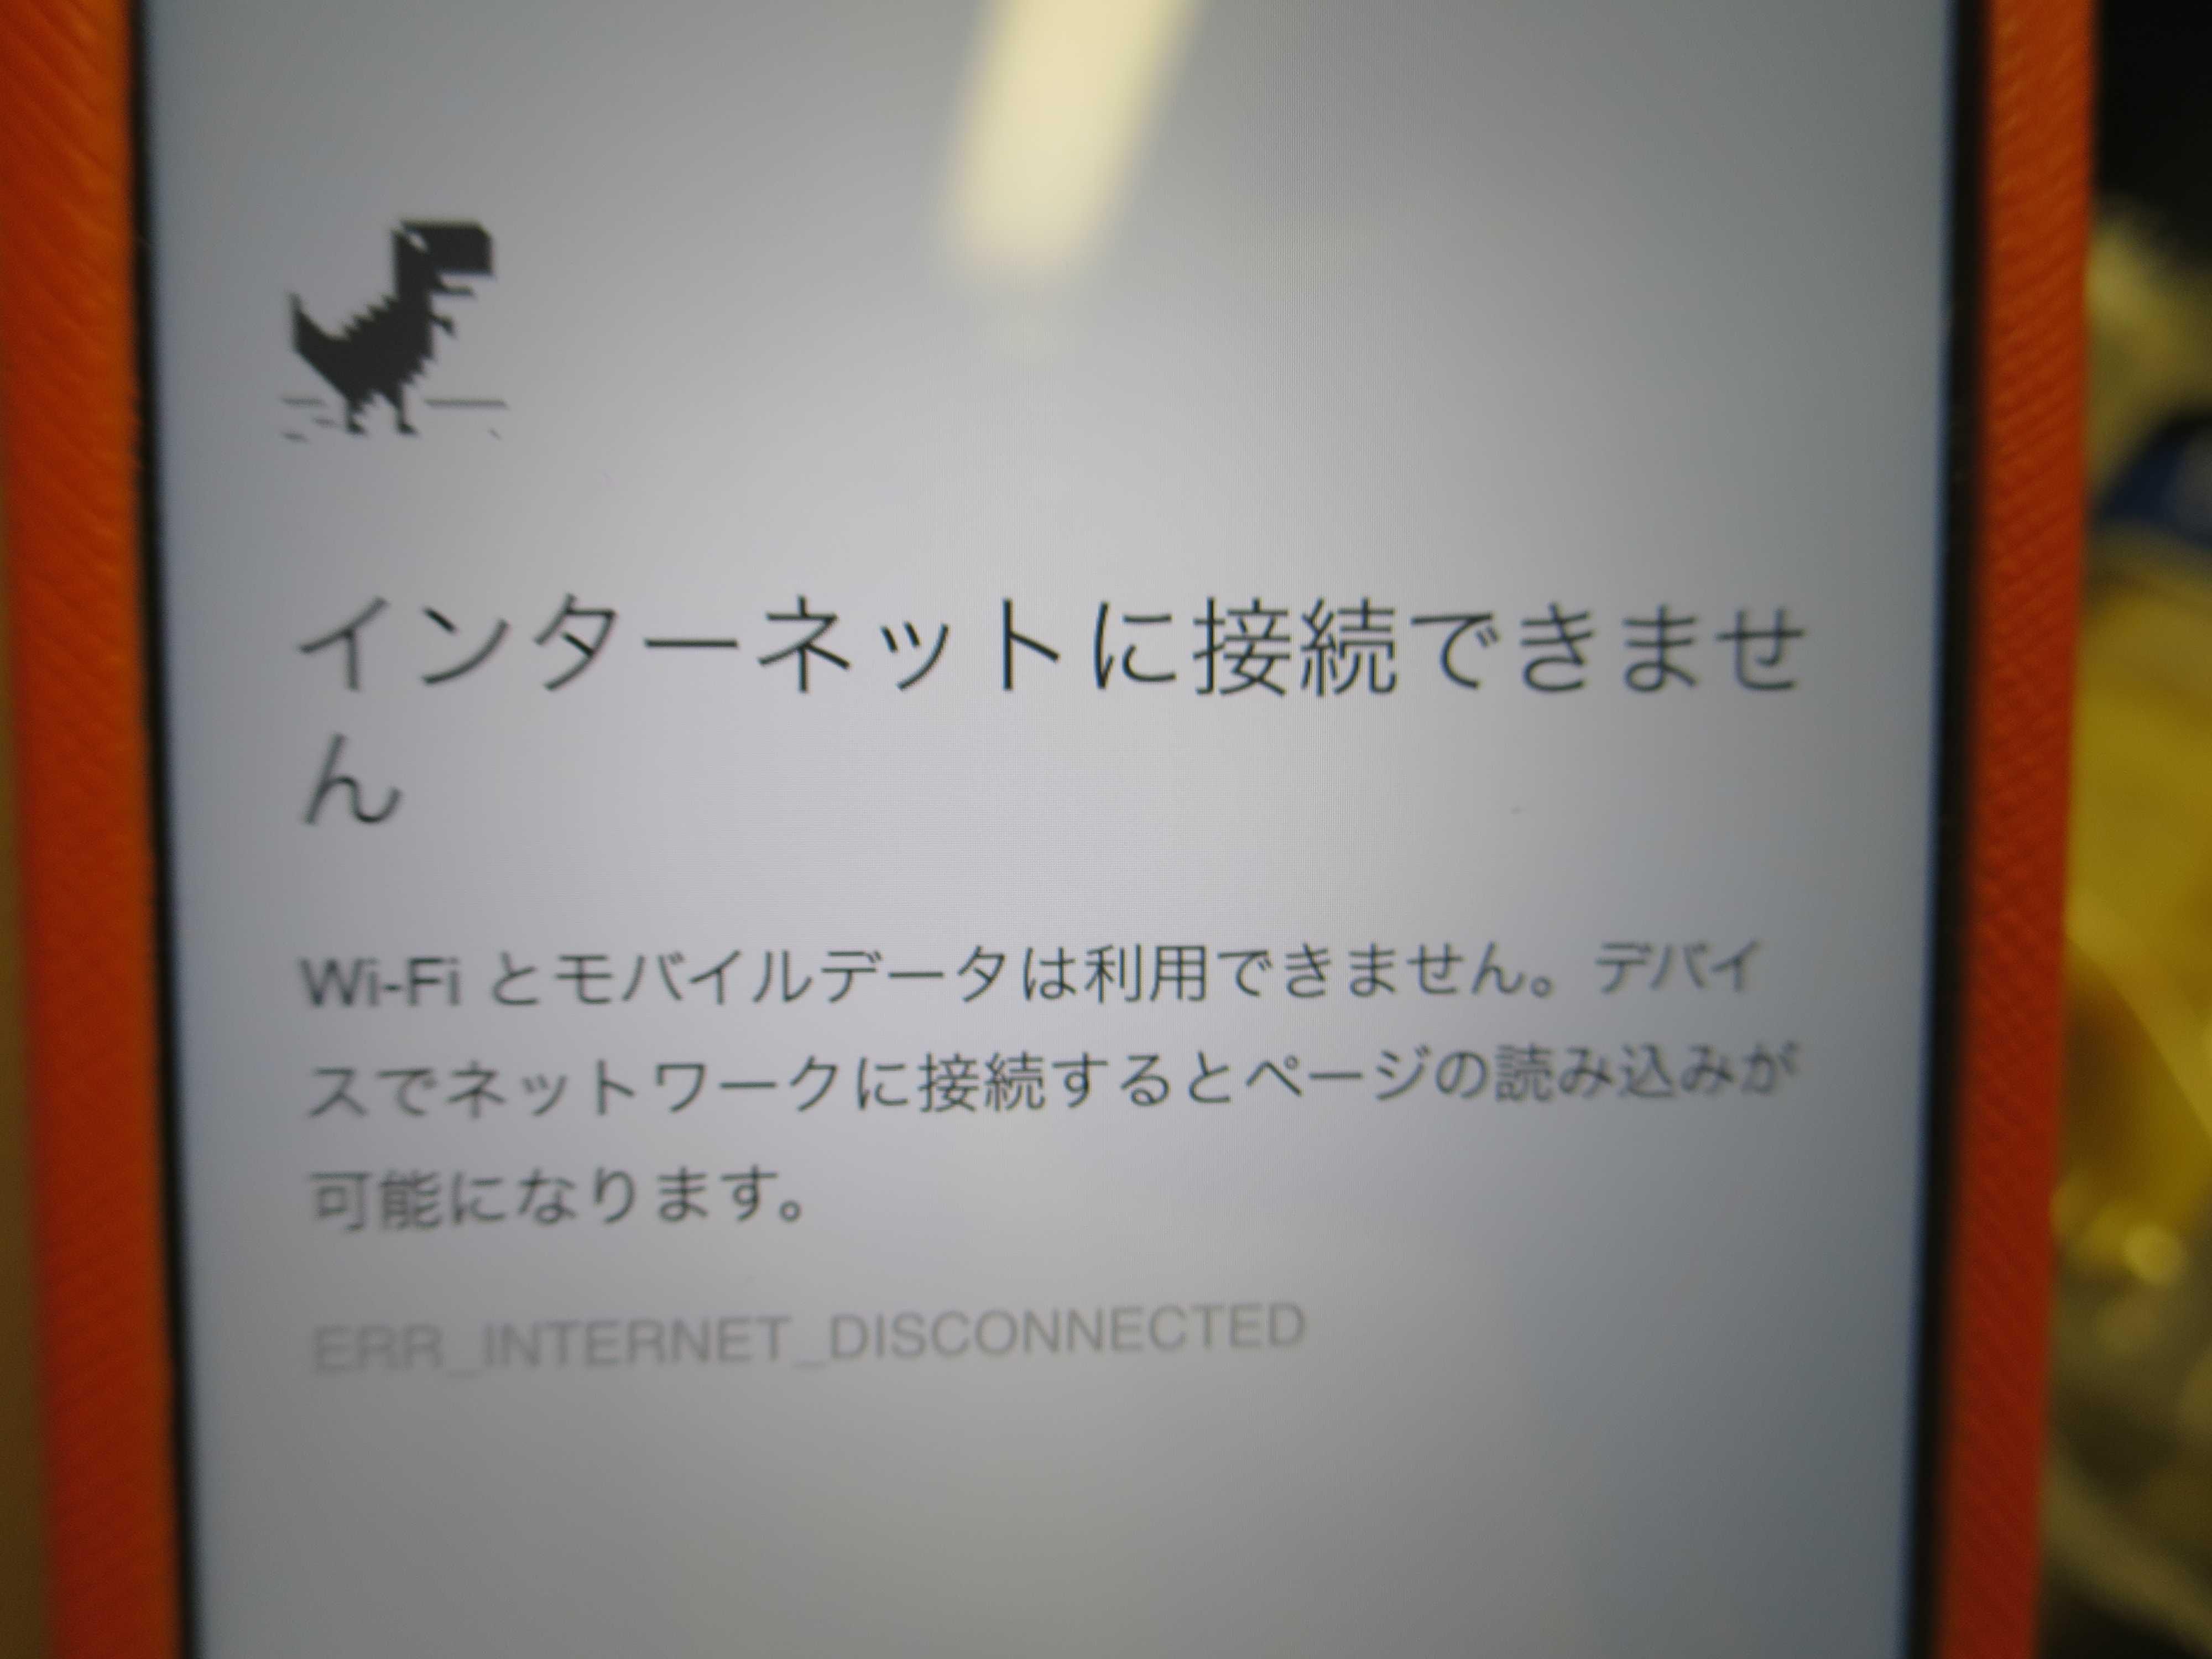 インターネットに接続できません